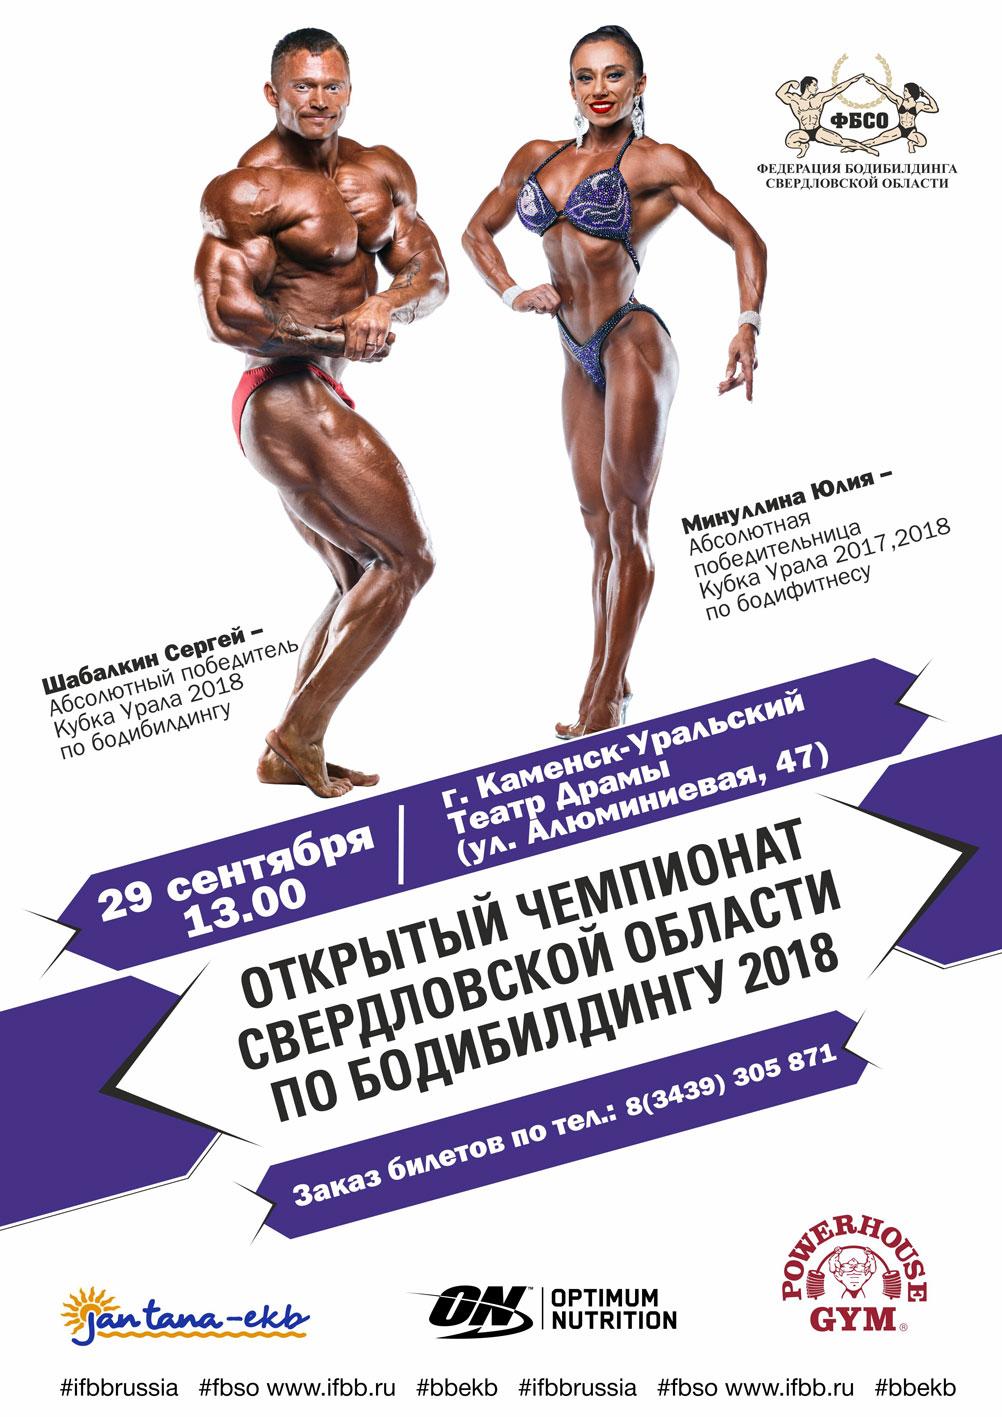 Чемпионат Свердловской области по бодибилдингу 2018